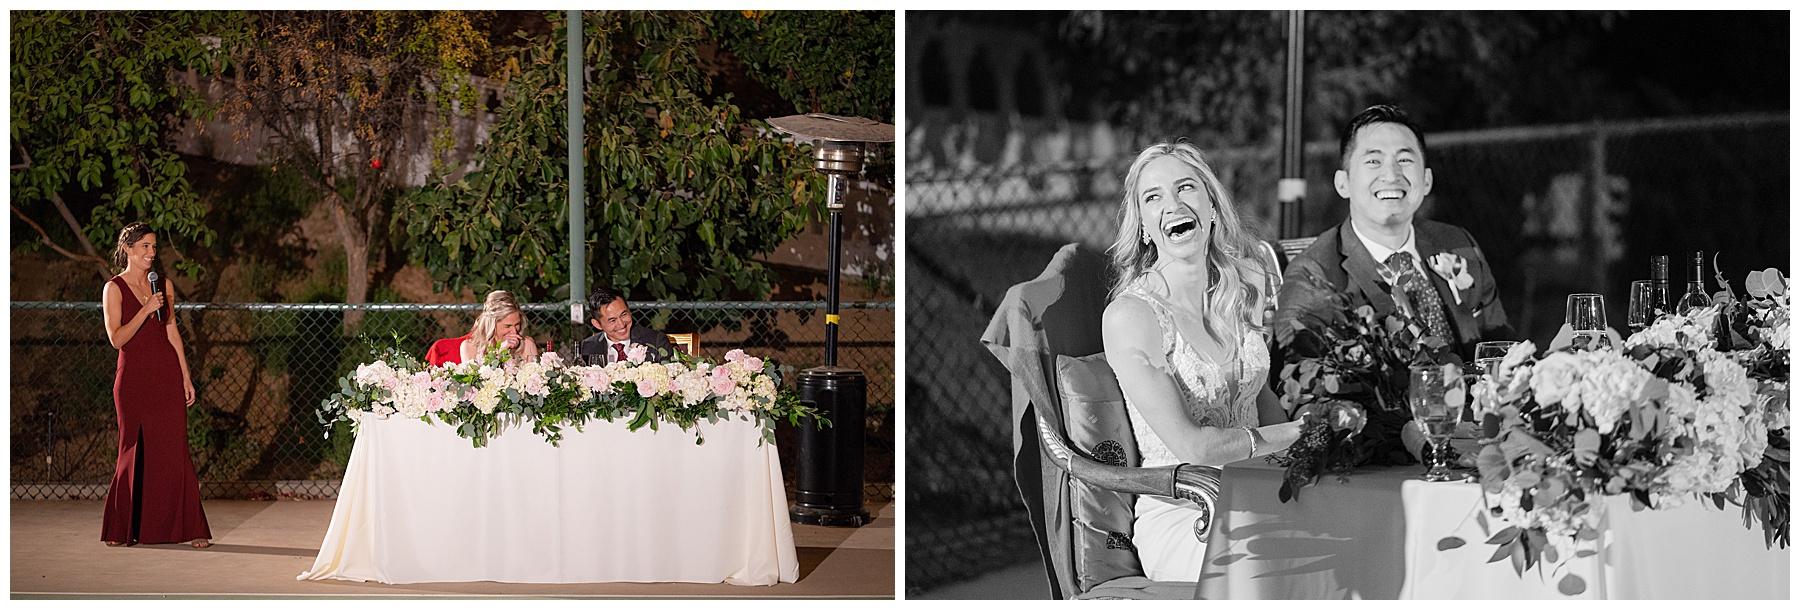 corona wedding toasts